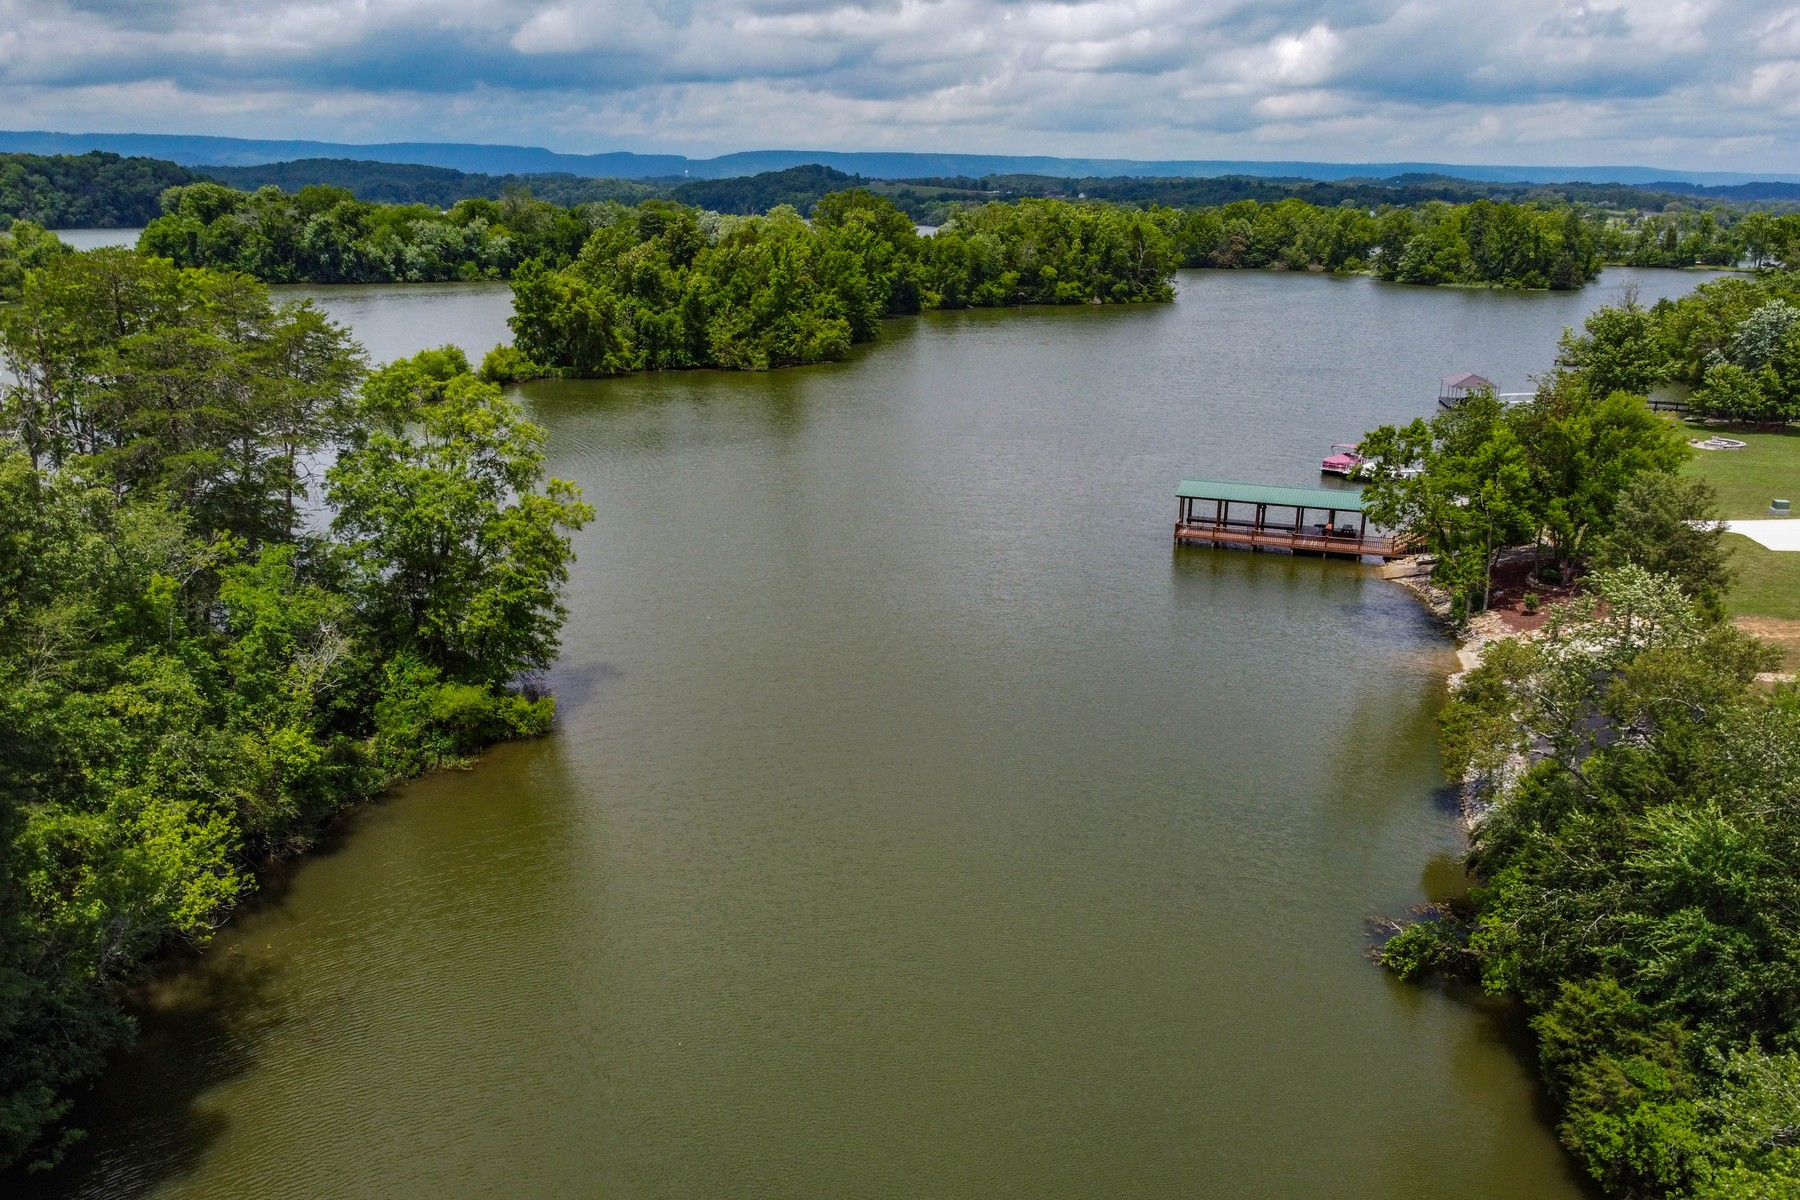 Terreno para Venda às Riverbend Estates Level To Lake Lot Riverbend Drive, Lot 41, Dayton, Tennessee 37321 Estados Unidos